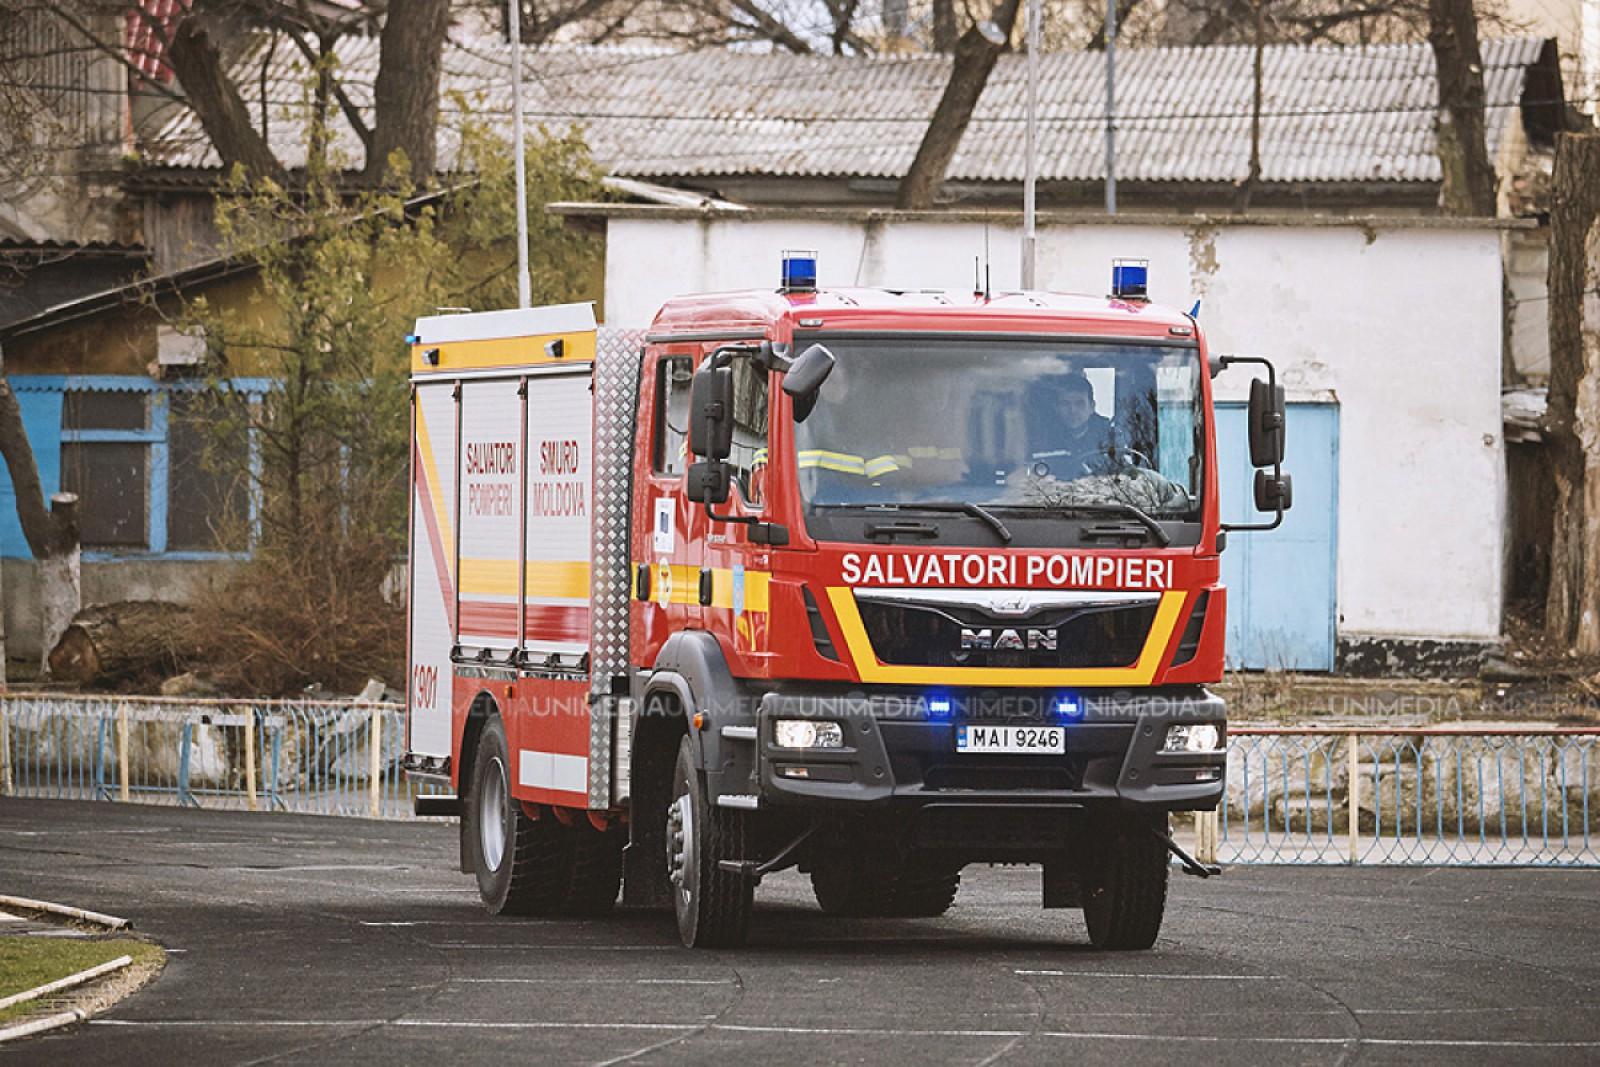 Șase sute de pompieri vor monitoriza siguranța anti incendiară de Paștele Blajinilor: Sfaturi pentru cetățeni